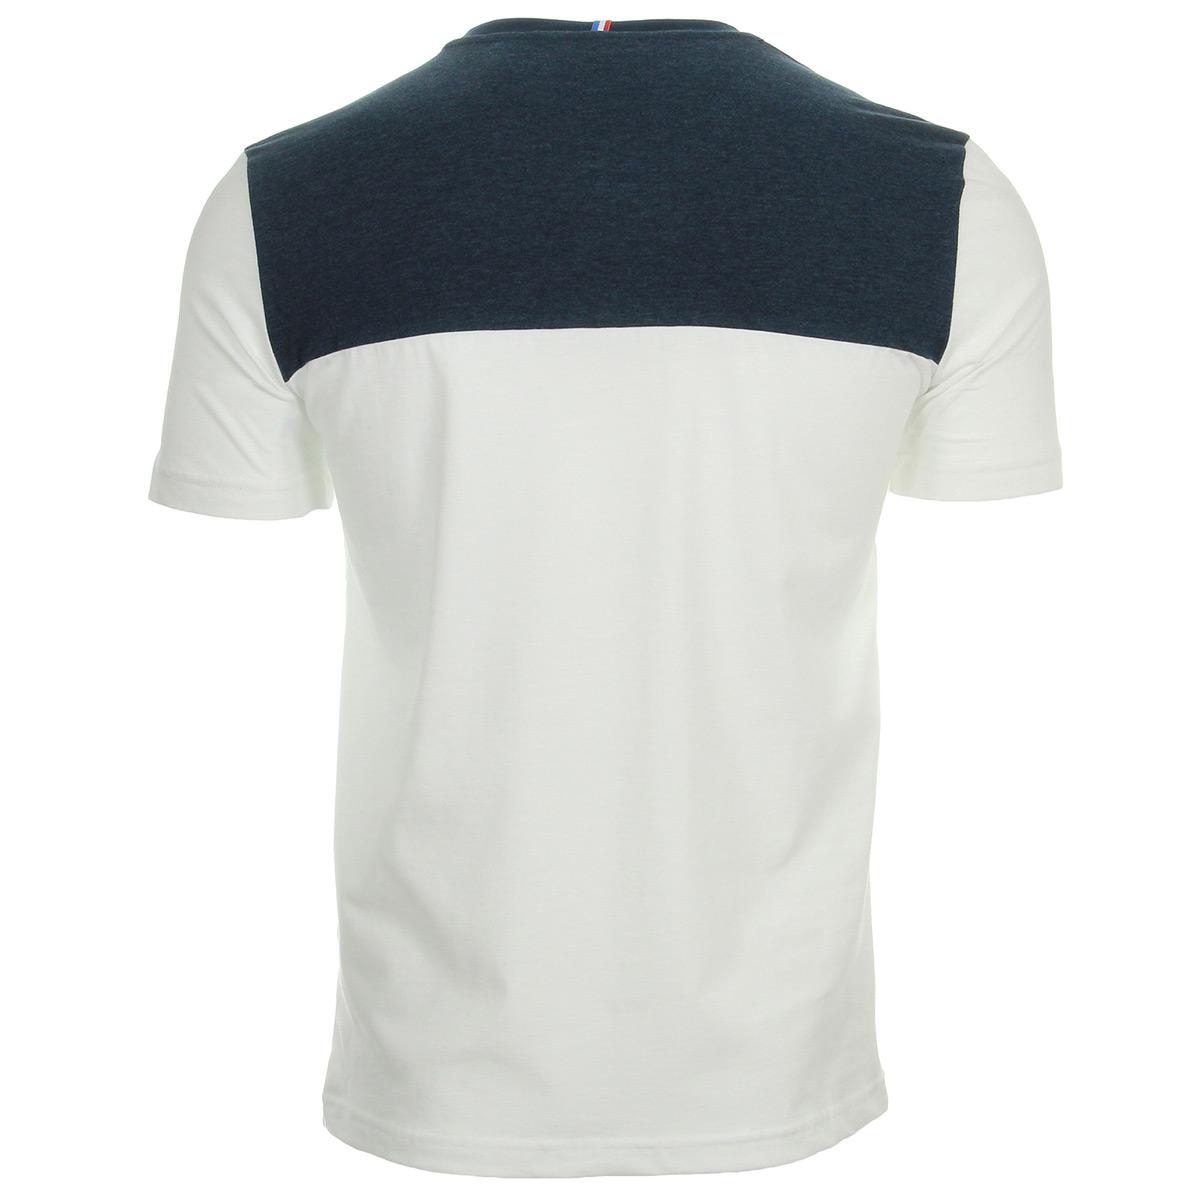 Le Coq Sportif TRI Tee SS N°2 M n.optical white/d.blues 1810457, T-Shirts homme